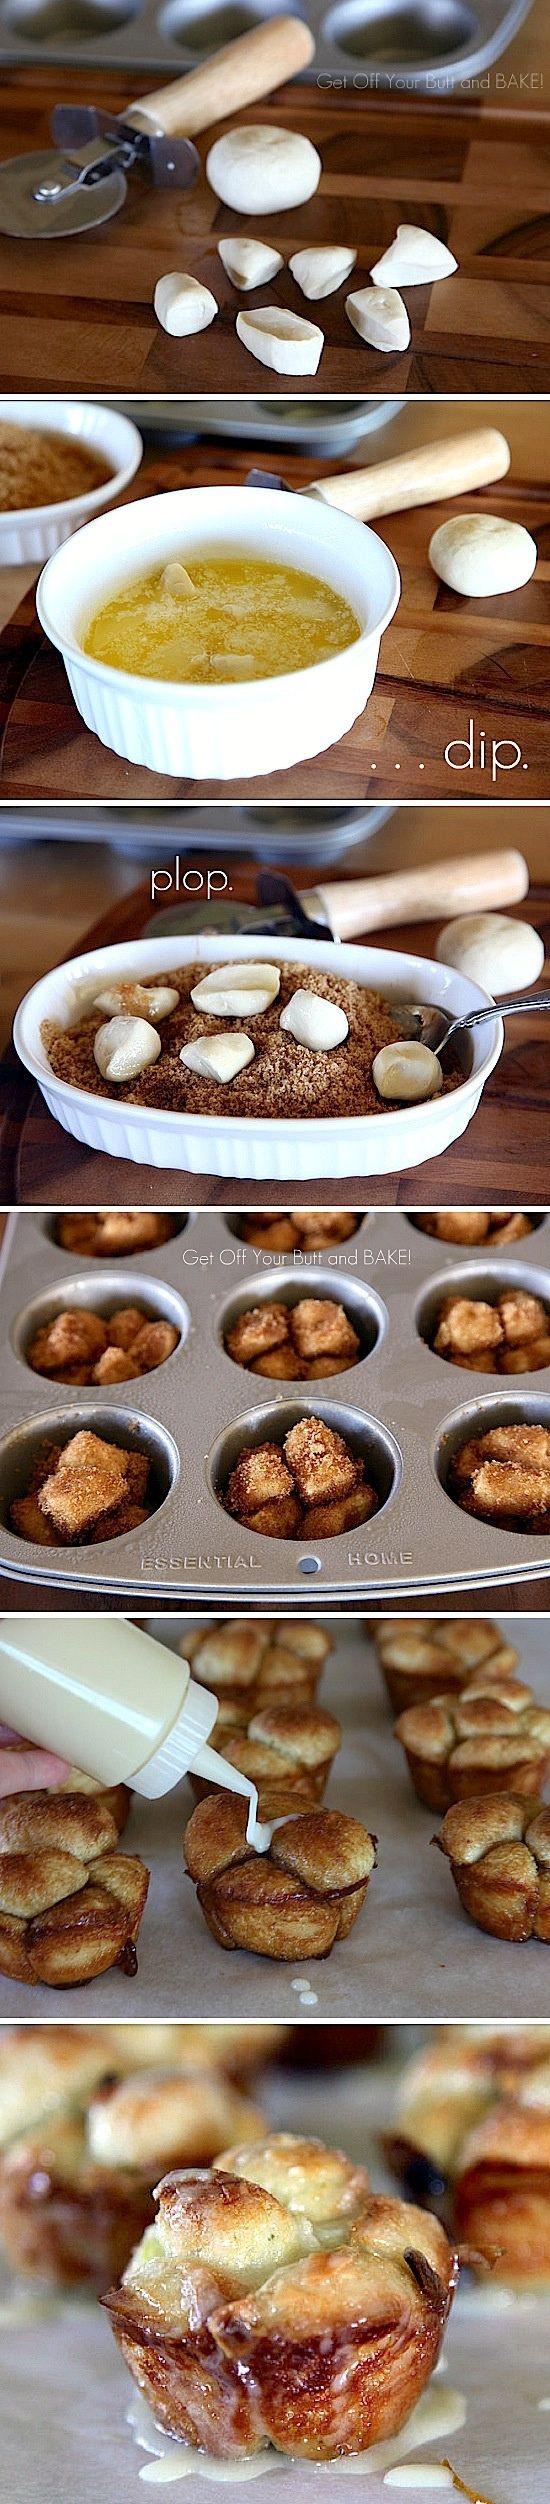 Kleine zoete broodjes bakken